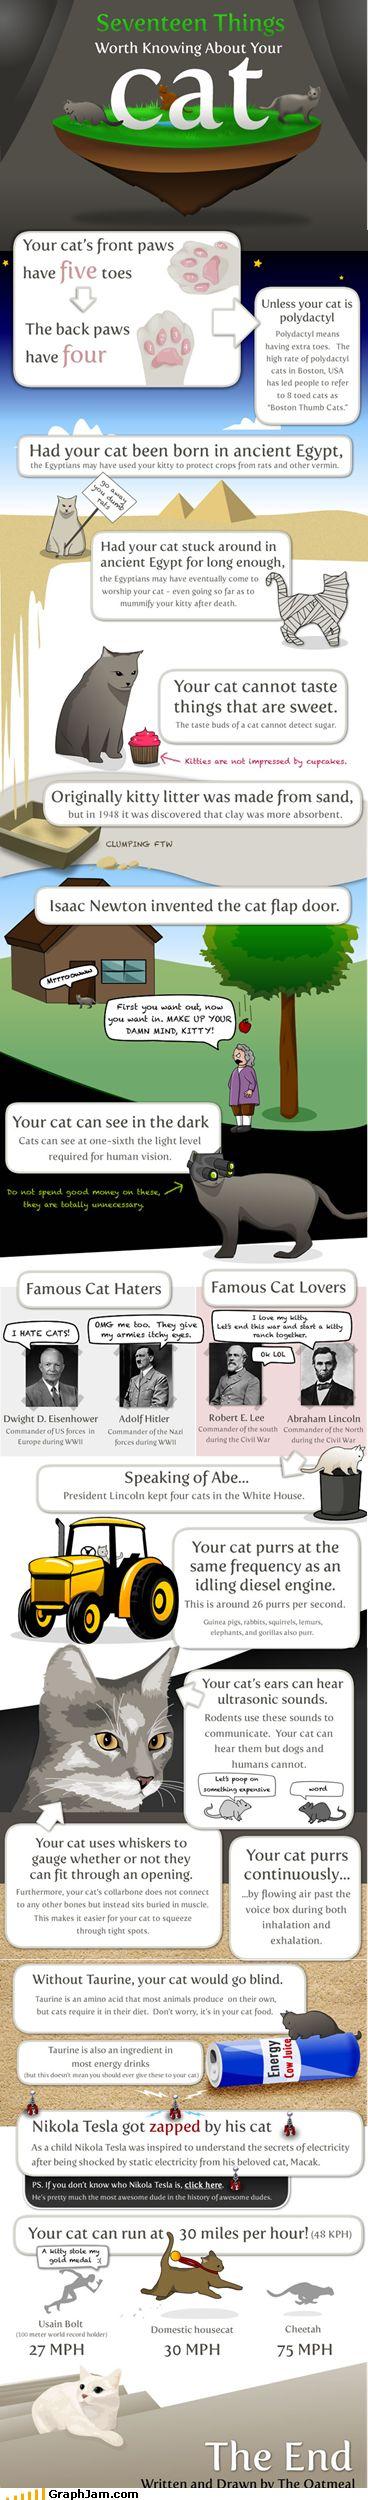 Cat facts.